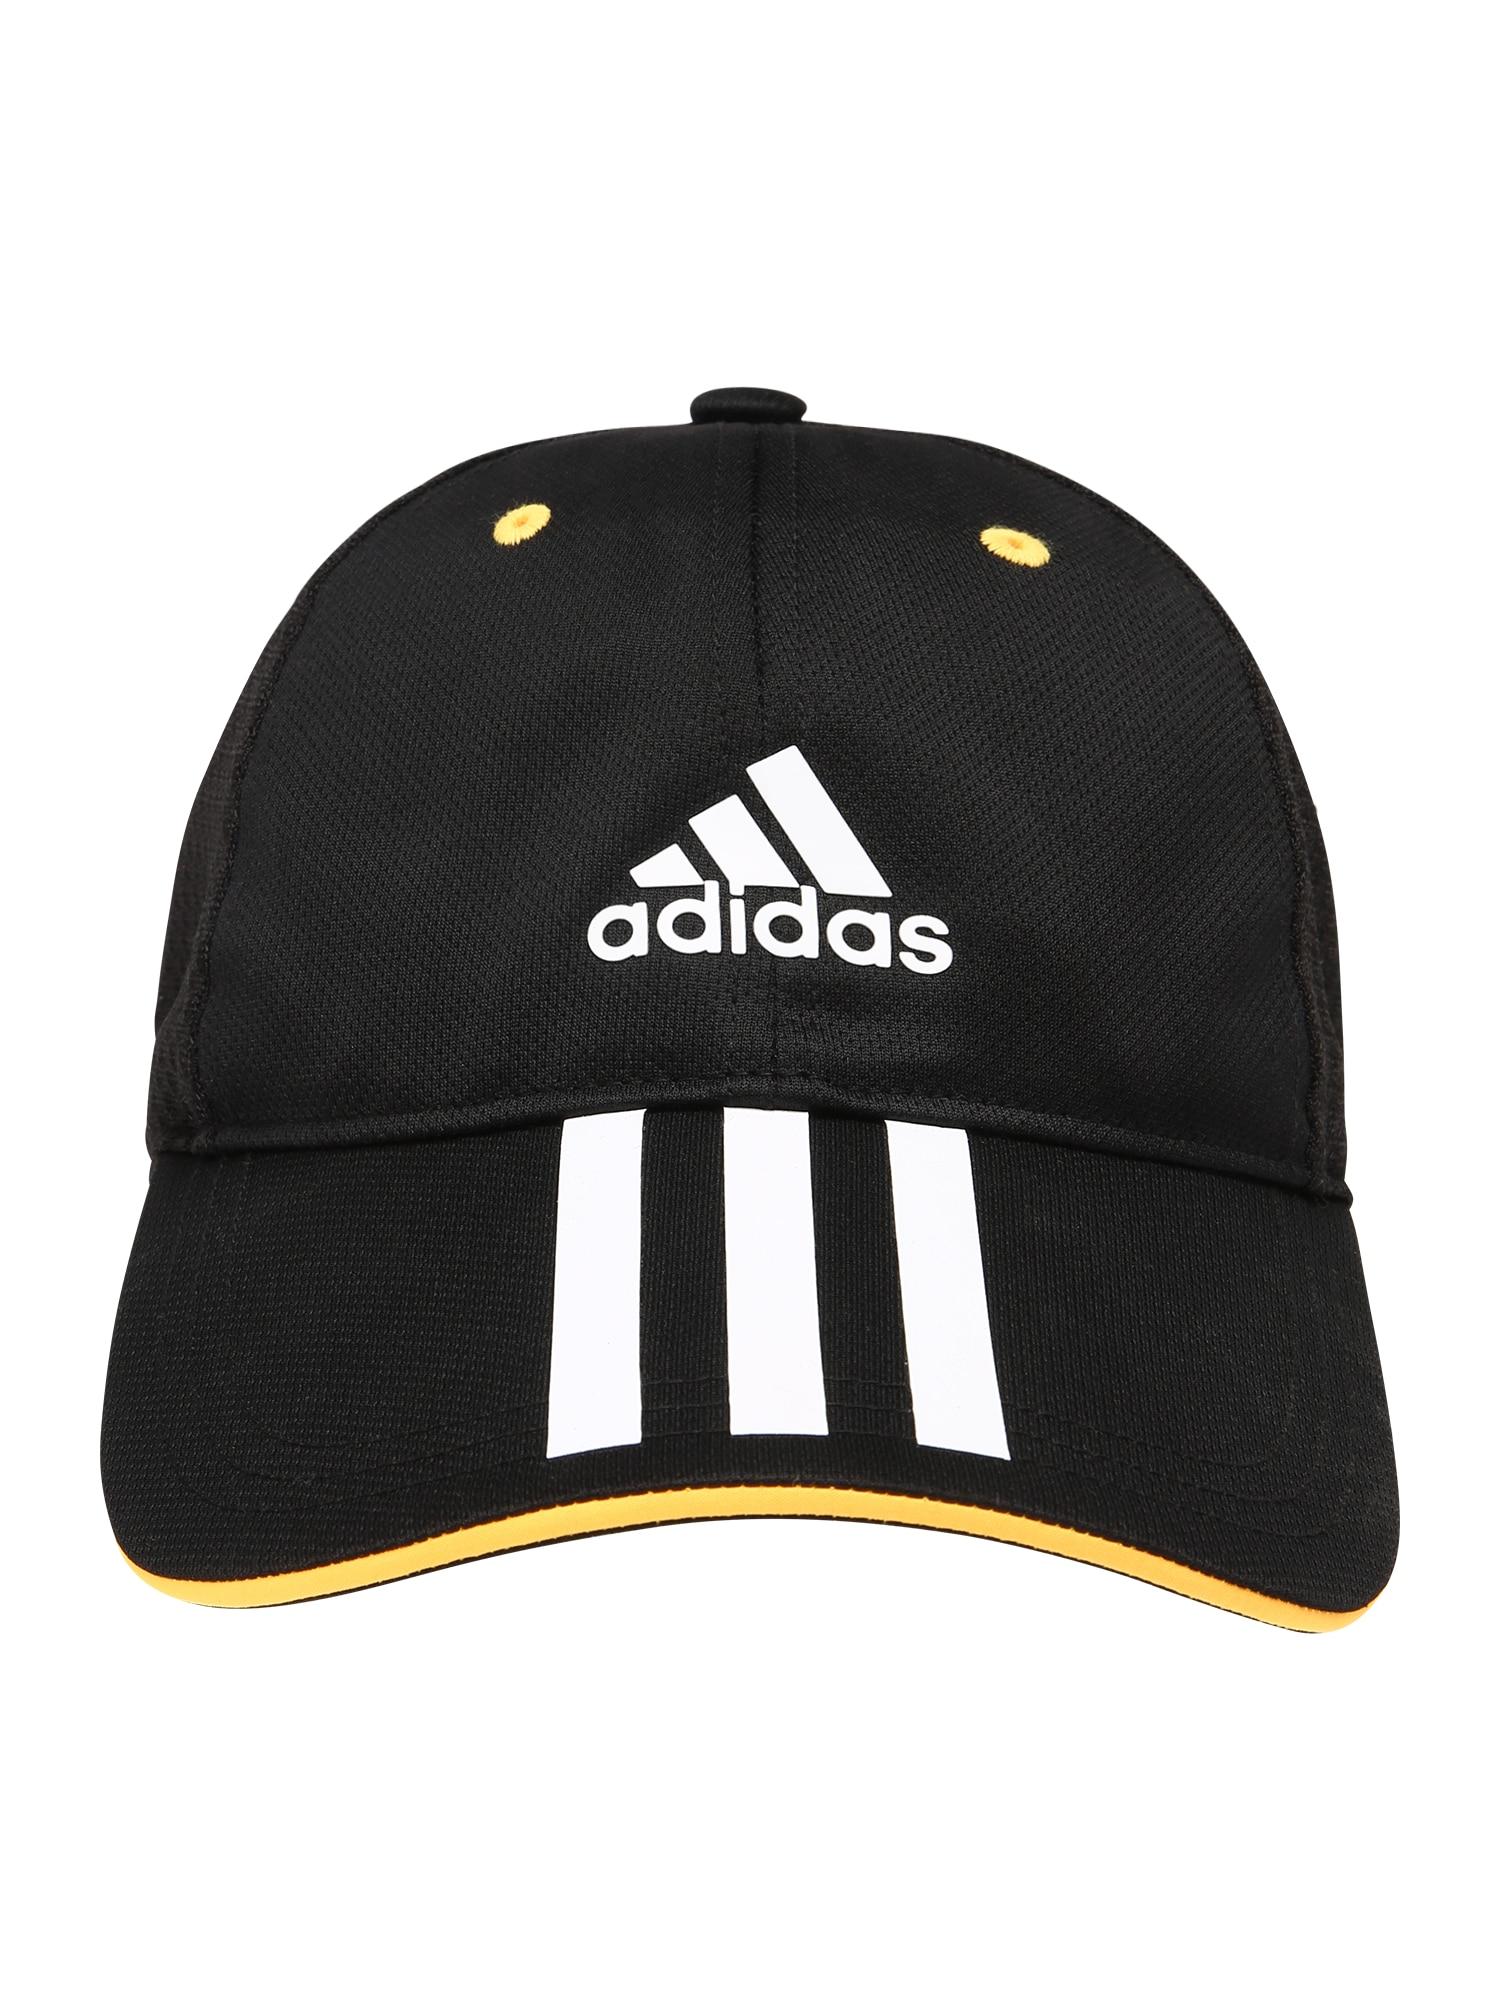 ADIDAS PERFORMANCE Sportinė kepurė juoda / geltona / balta